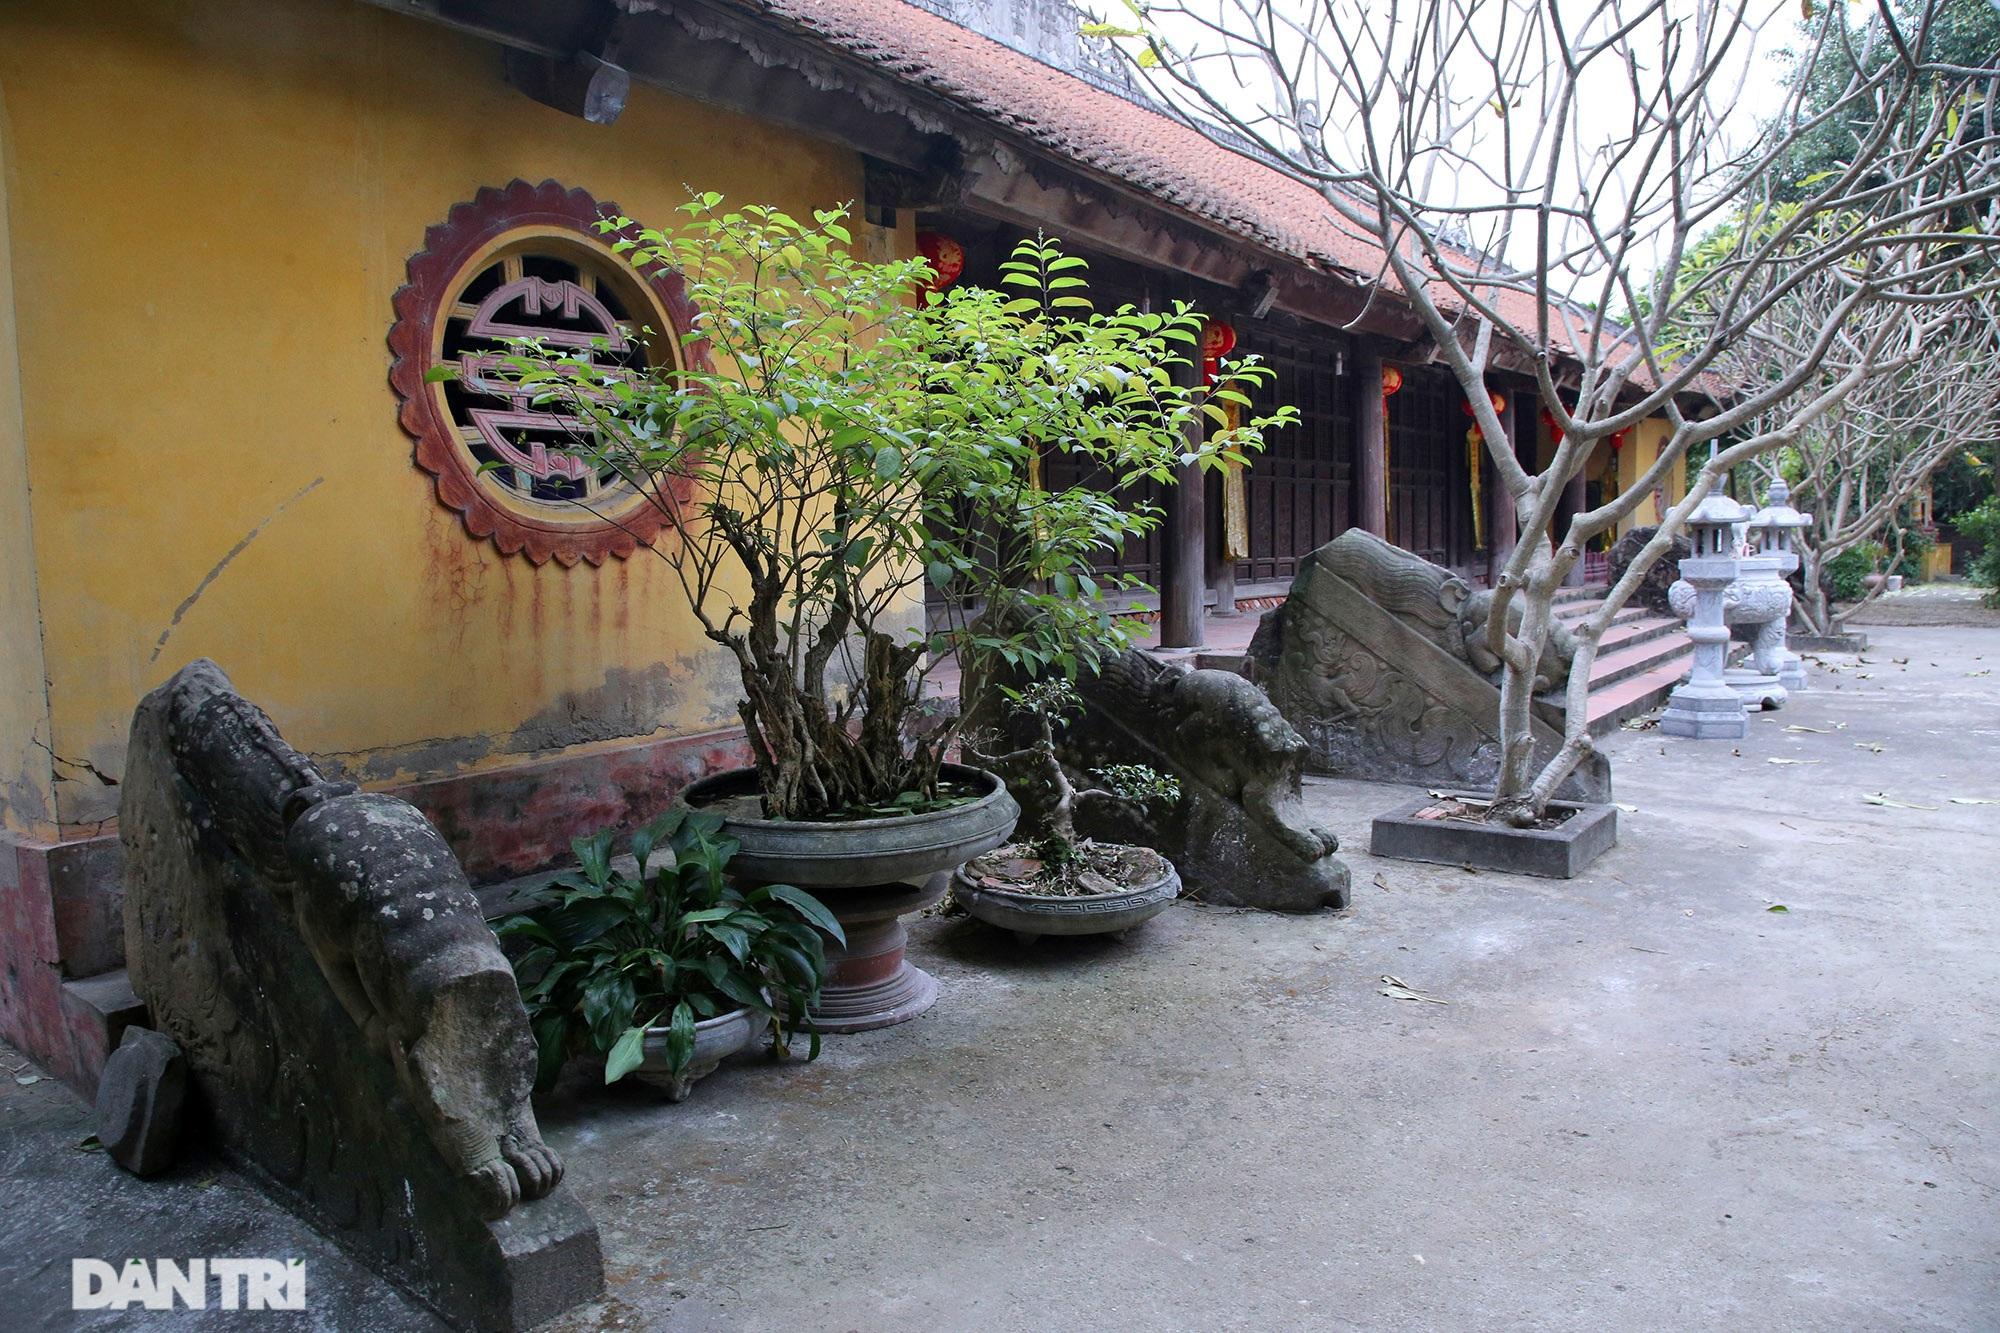 Heritage of massive stone sculpture at Huong Lang Pagoda - 10